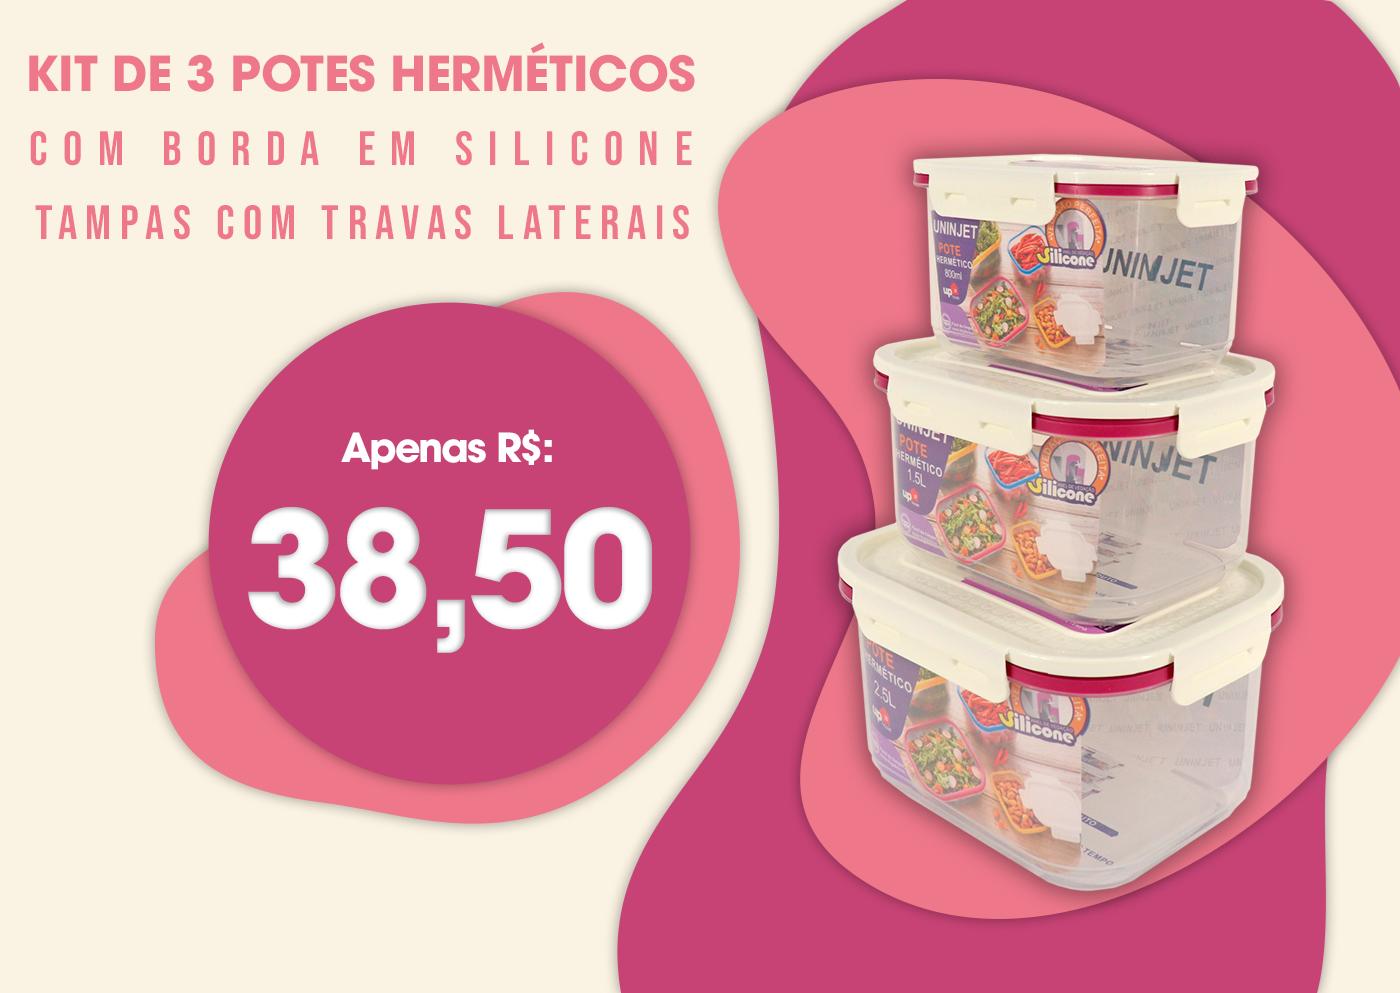 Kit de Potes Herméticos